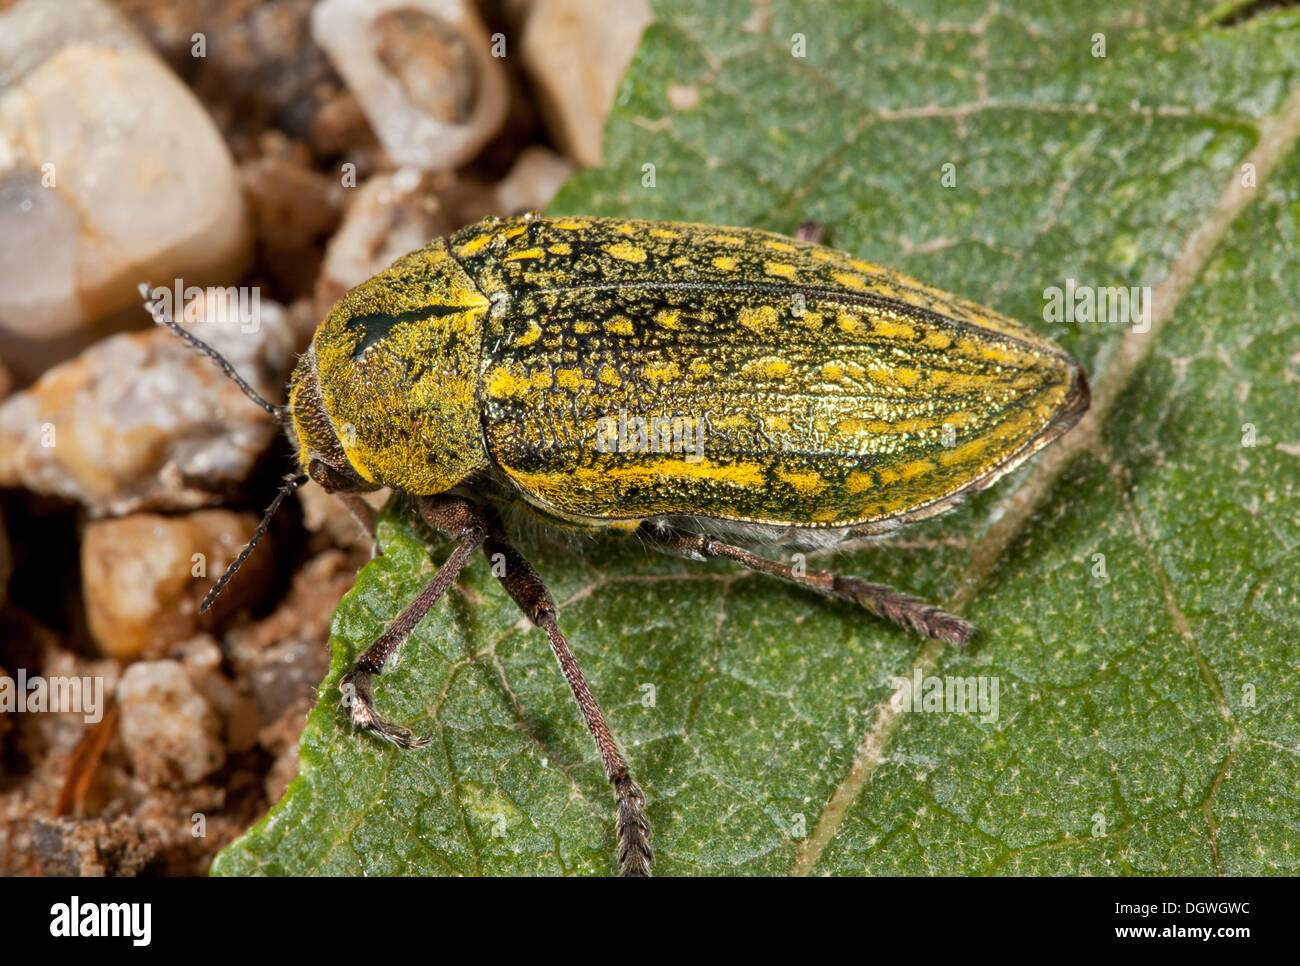 A jewel beetle, or Buprestid, Julodis ehrenbergii; Bulgaria. - Stock Image